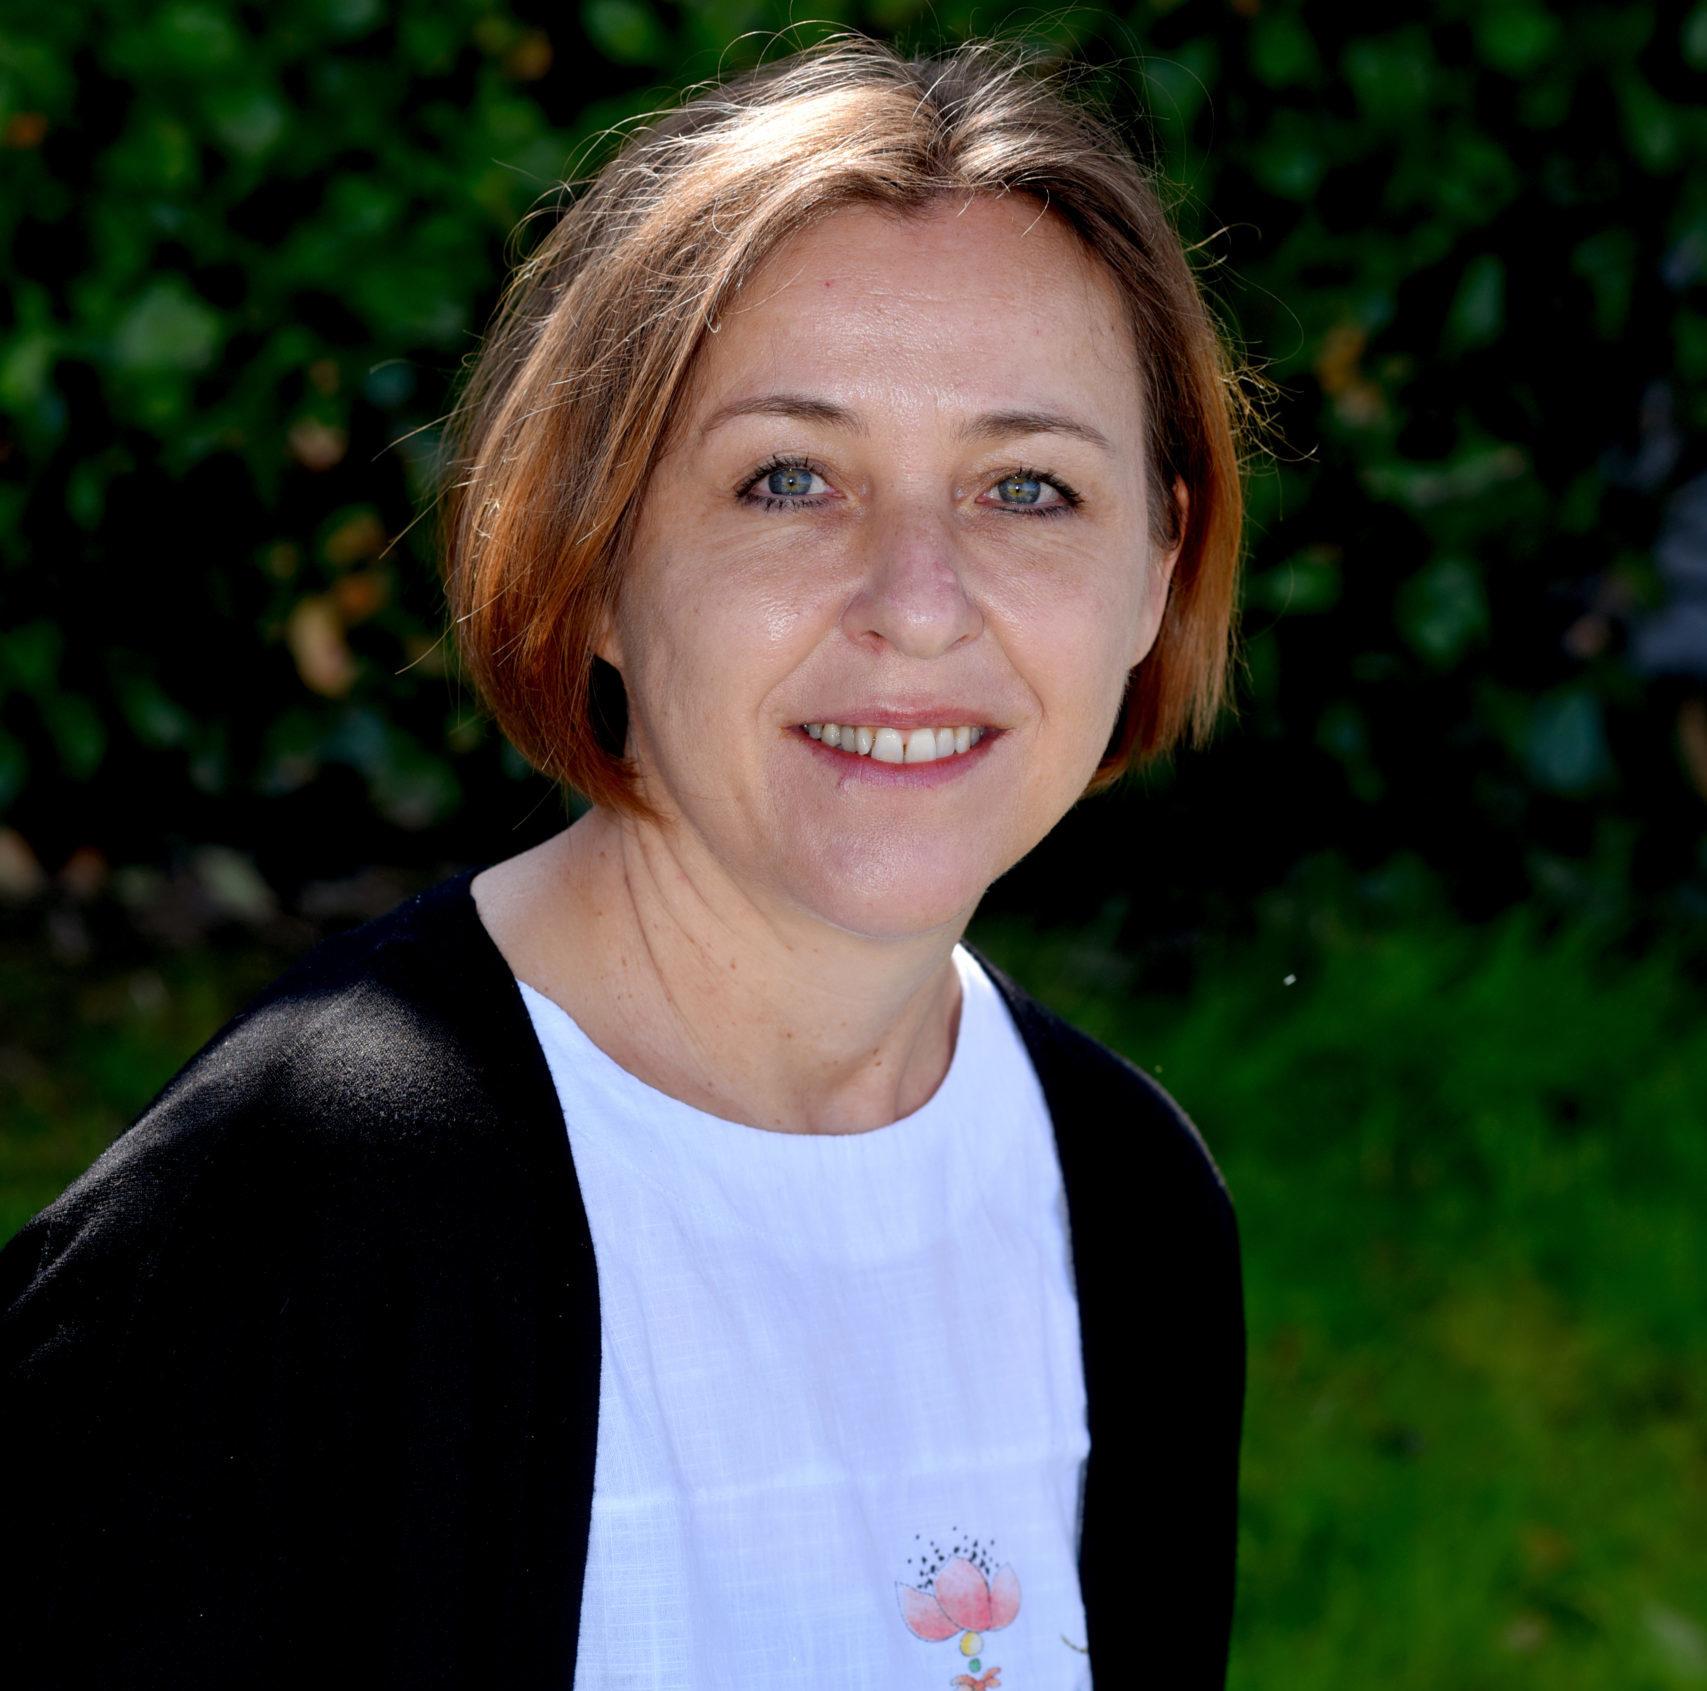 Eva Maria Putz